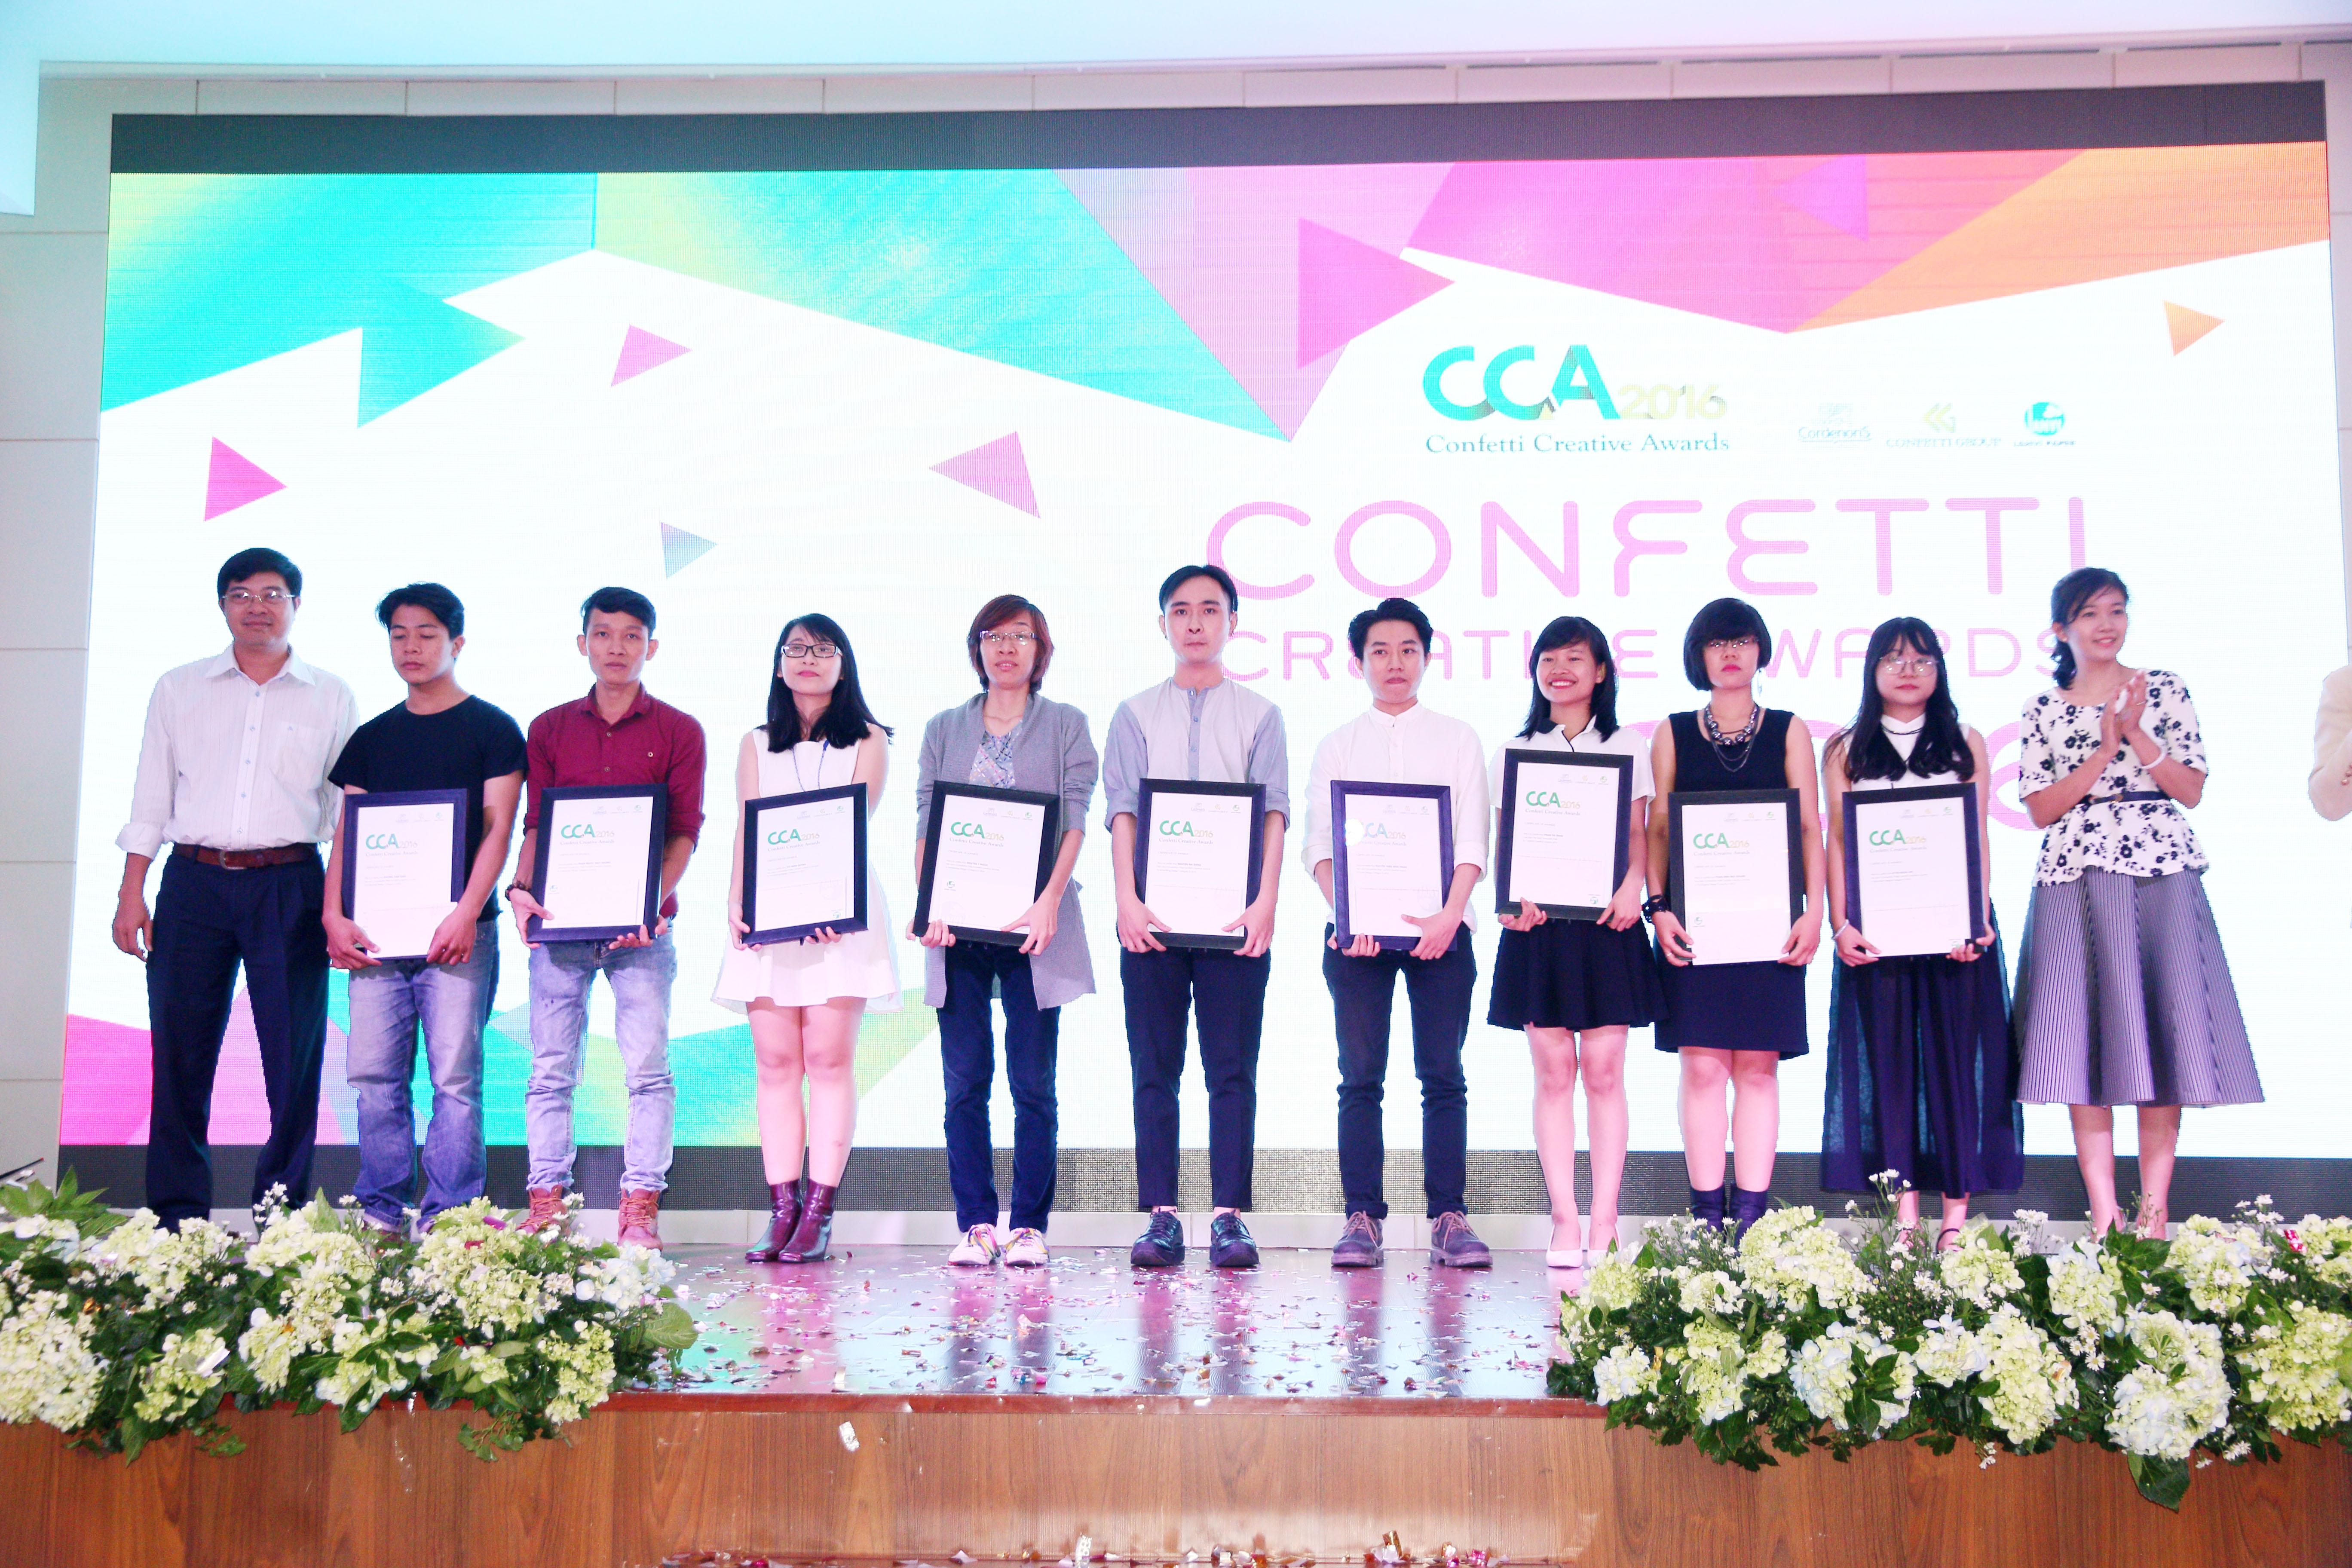 Các thí sinh đoạt giải khuyến khích của cuộc thi thiết kế Confetti Creative Awards 2016